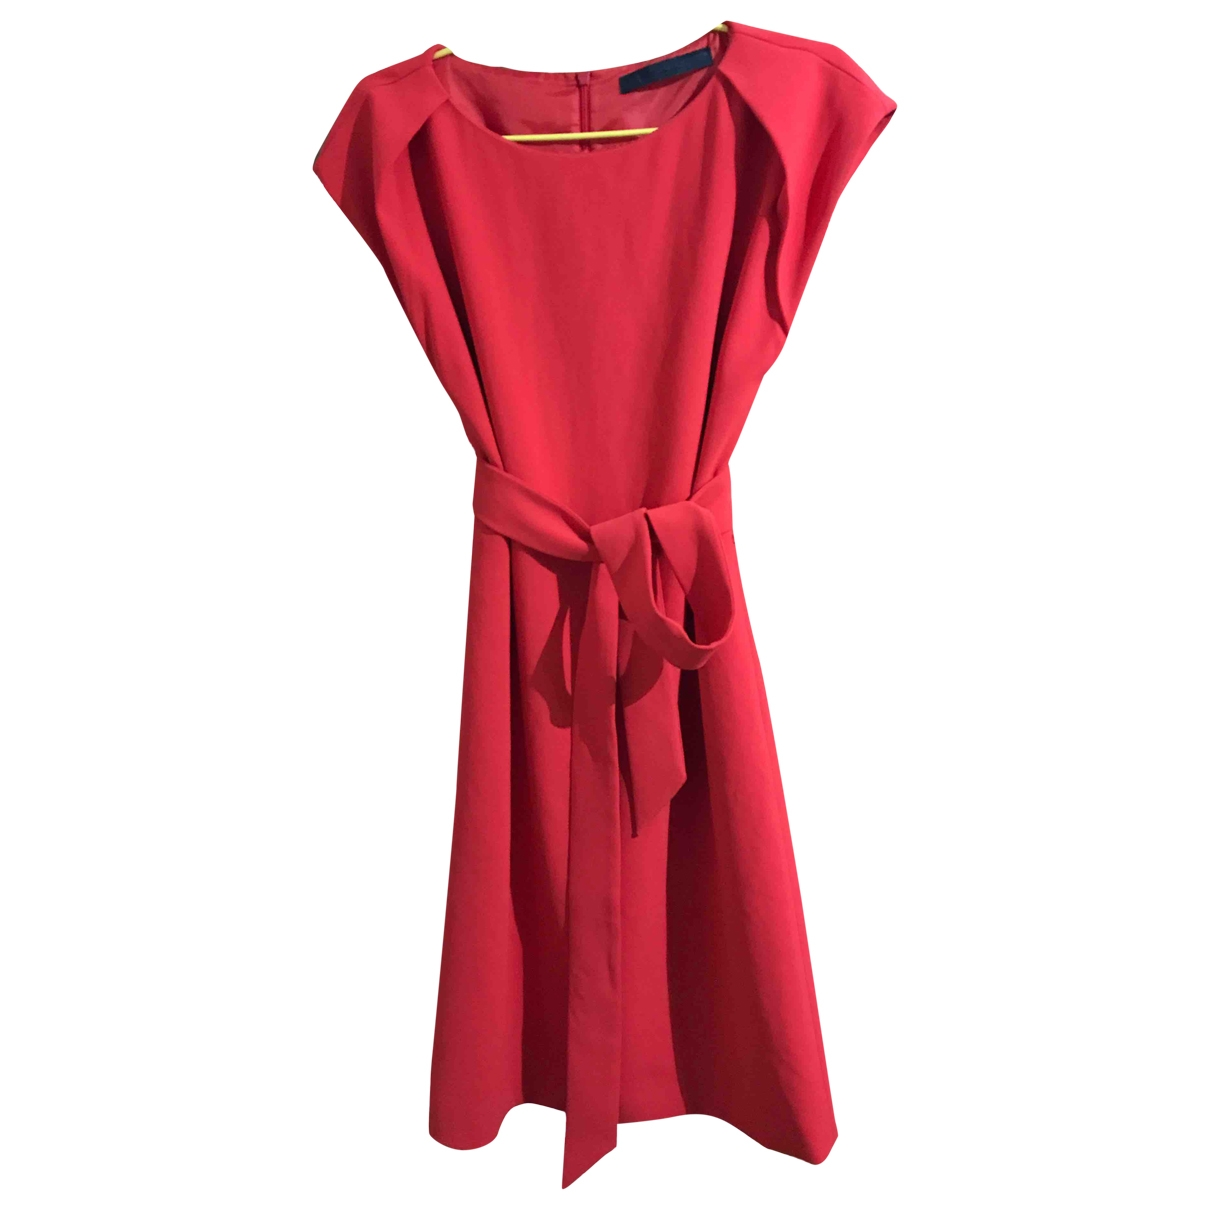 Karl Lagerfeld \N Kleid in  Rot Polyester